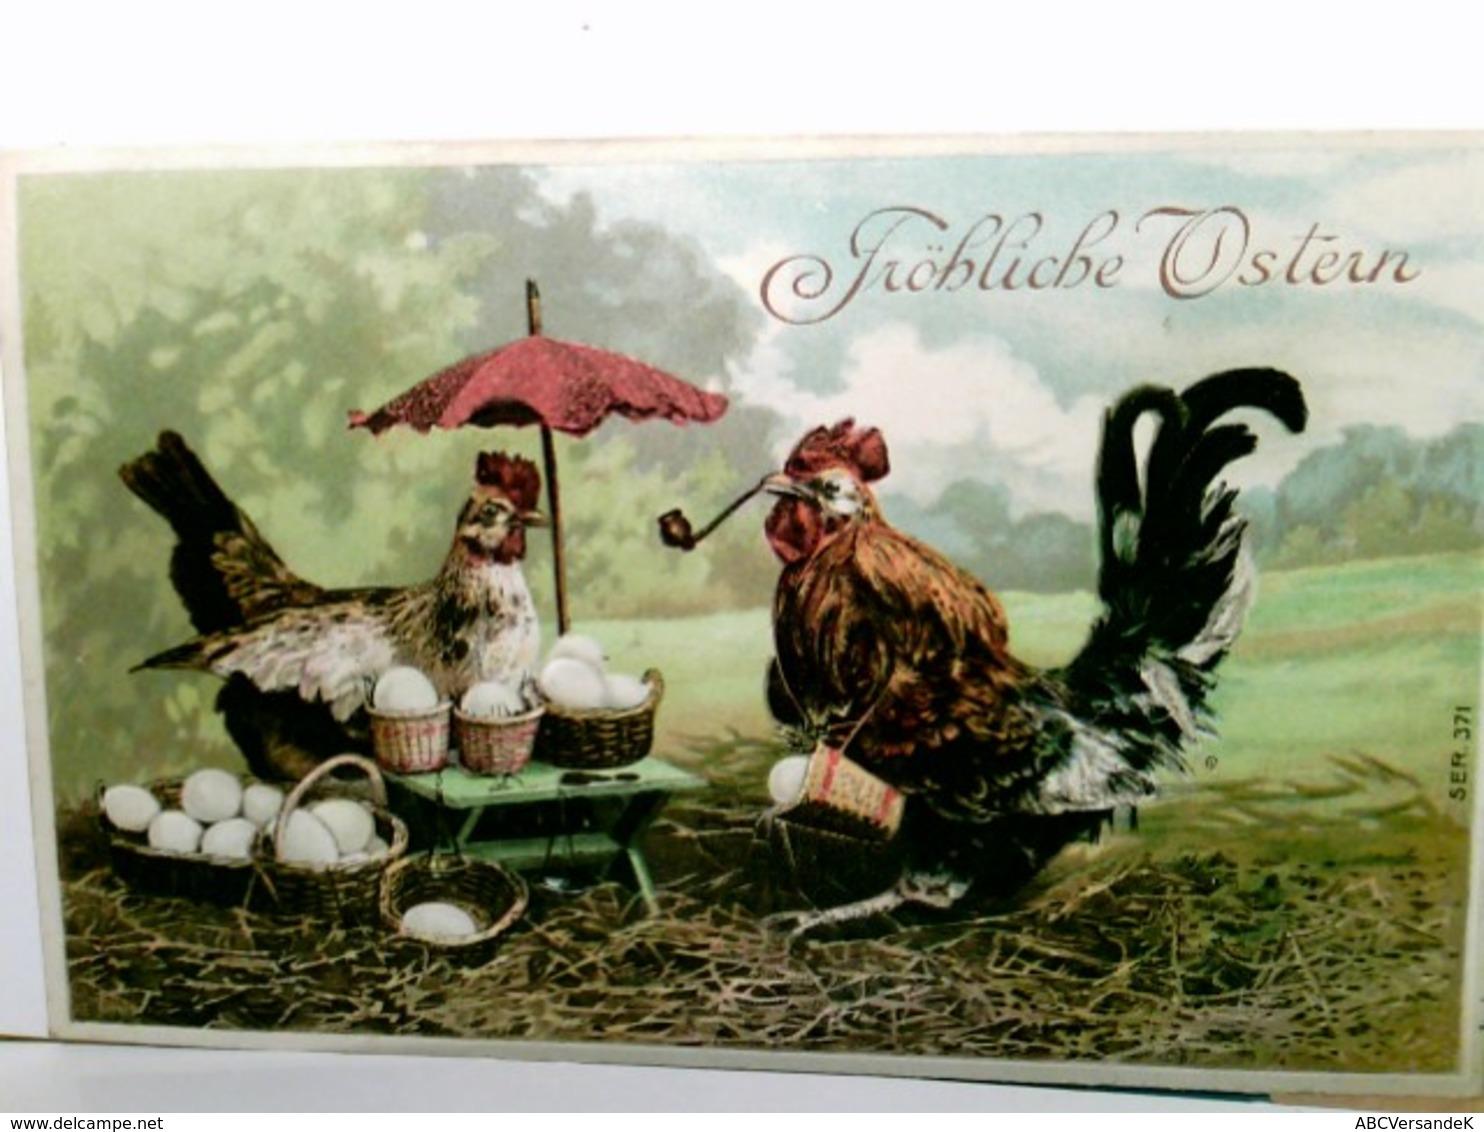 Fröhliche Ostern. Alte Präge - AK Farbig. Hahn Mit Pfeife, Henne Mit Schirm, Körbr Mit Eiern, Gel. 1908 - Holidays & Celebrations